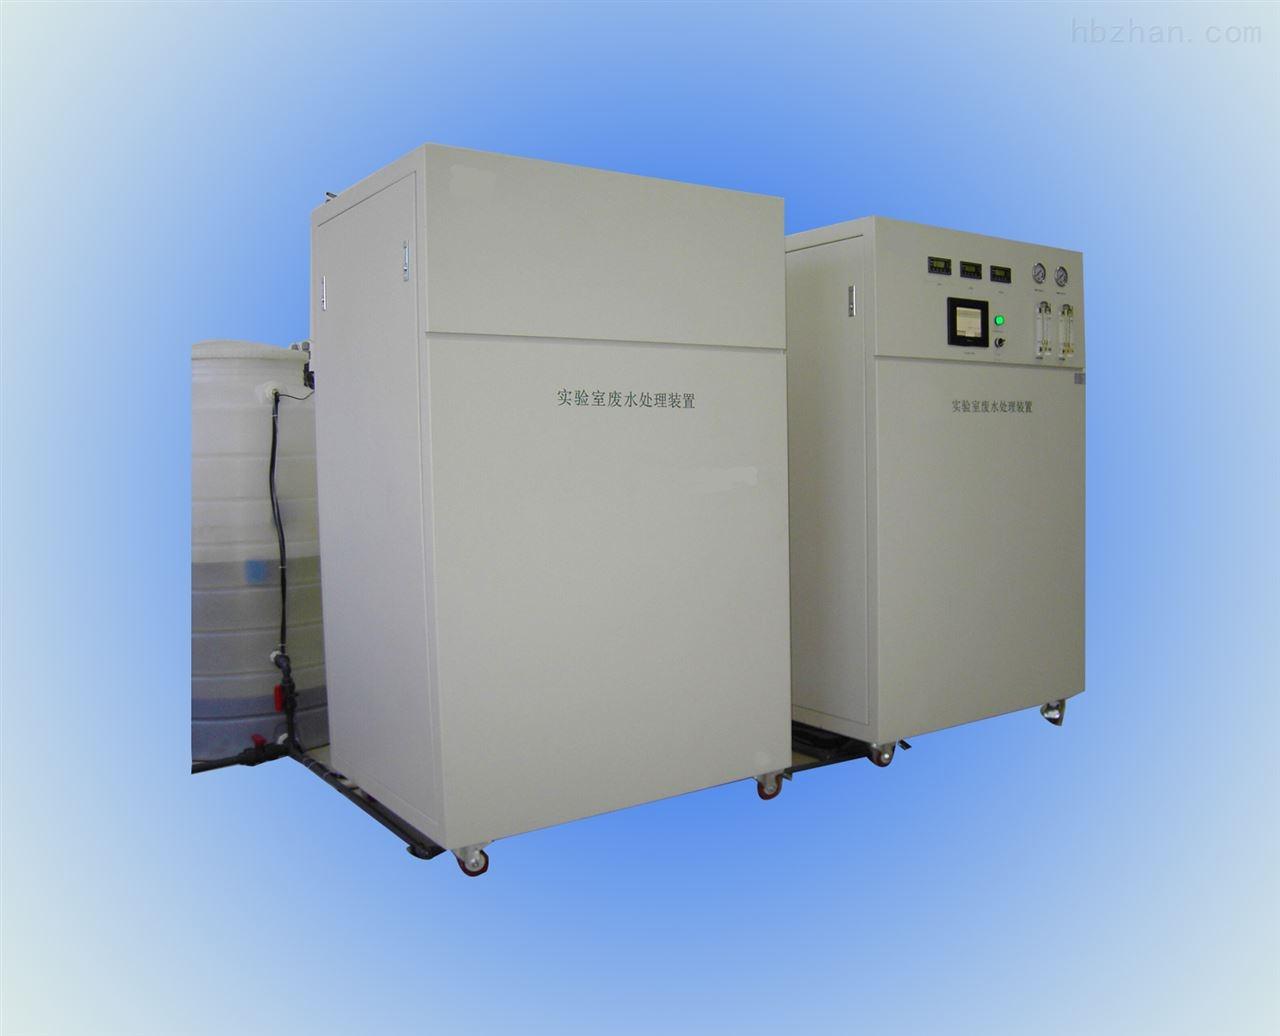 环保化学实验室污水处理小型设备安装环境